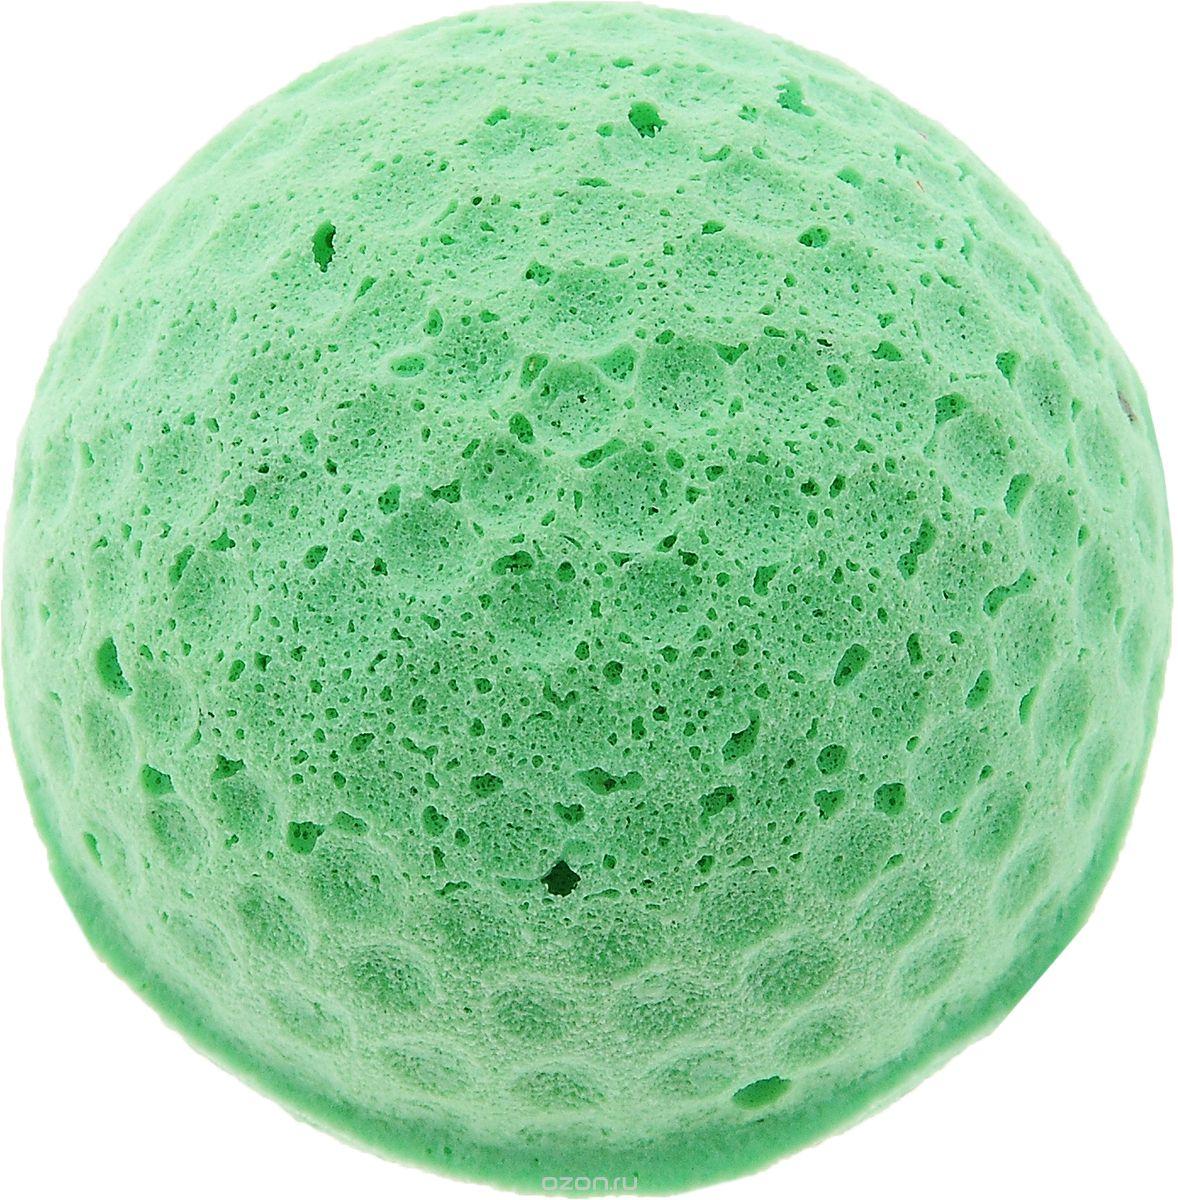 Игрушка для животных Каскад Мячик зефирный. Гольф, цвет: мятный, черный, диаметр 4 см игрушка для животных каскад мячик пробковый цвет зеленый 3 5 см